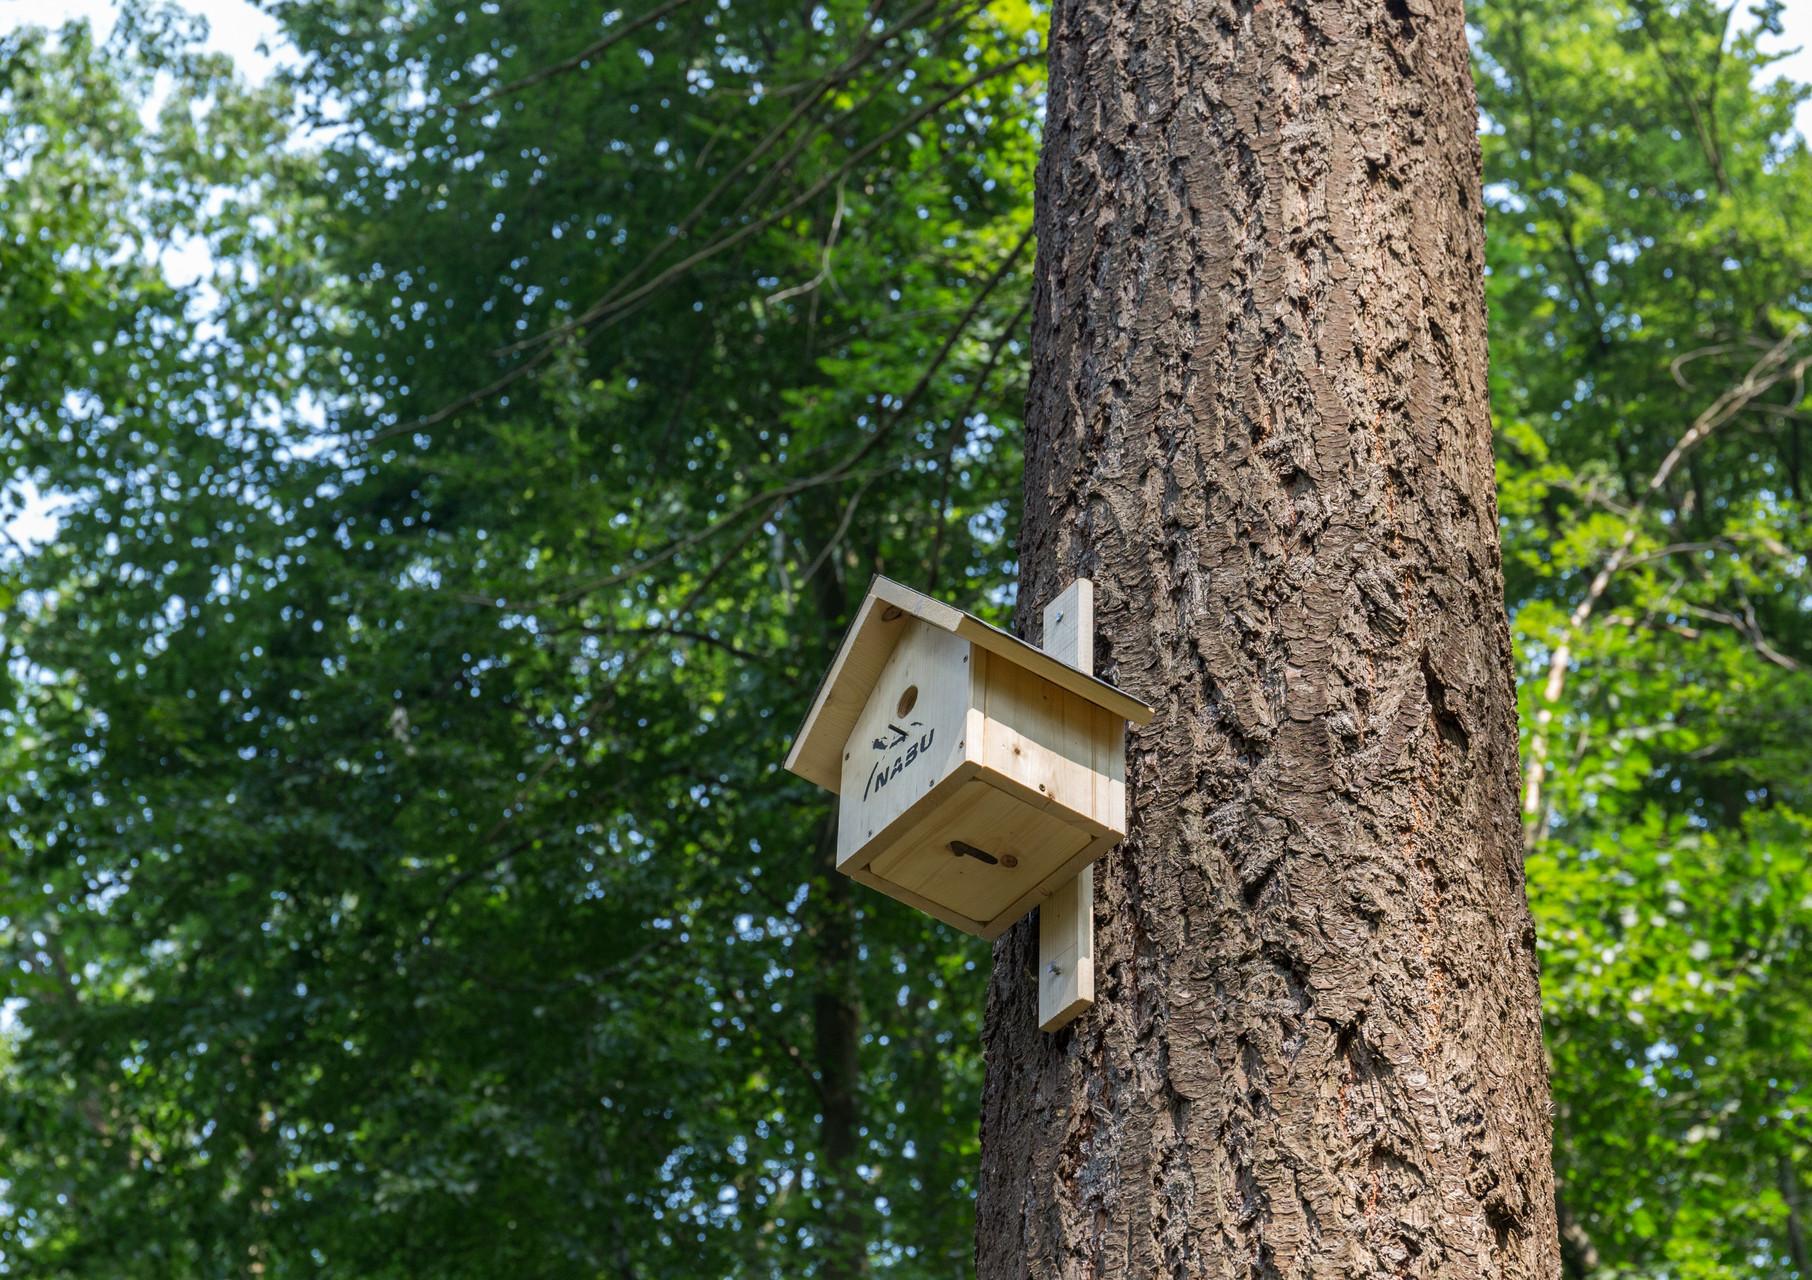 auch Vogelkästen wurden aufgehängt